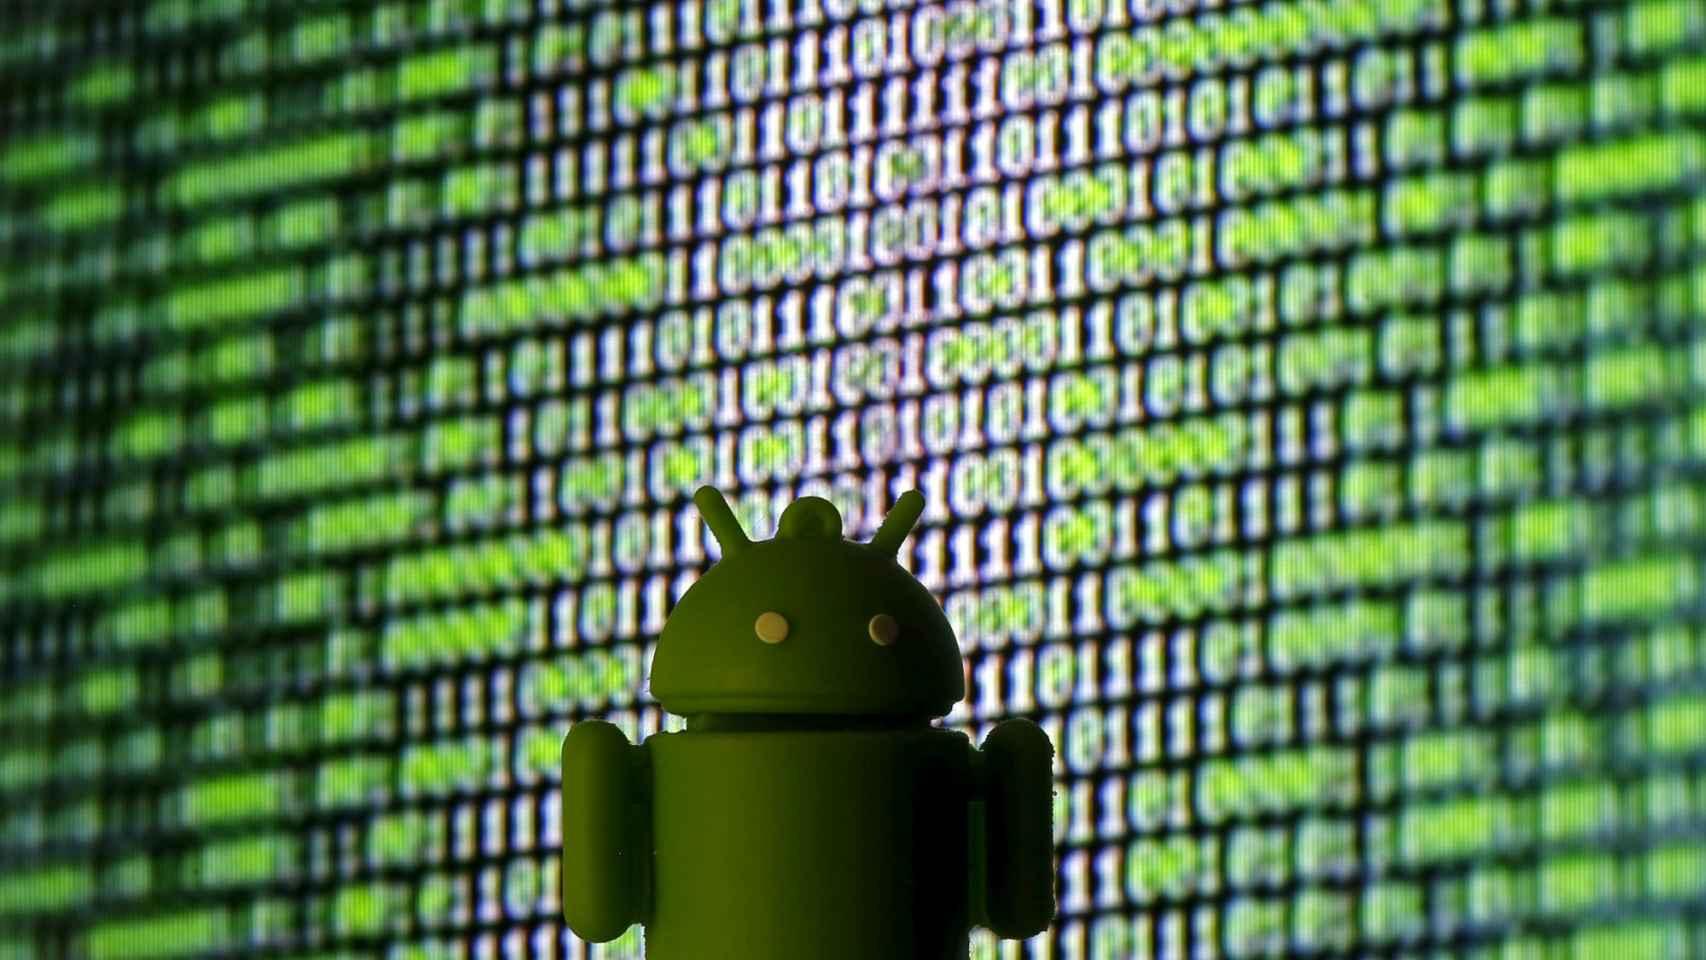 Android ha triplicado su cuota de mercado desde 2012.